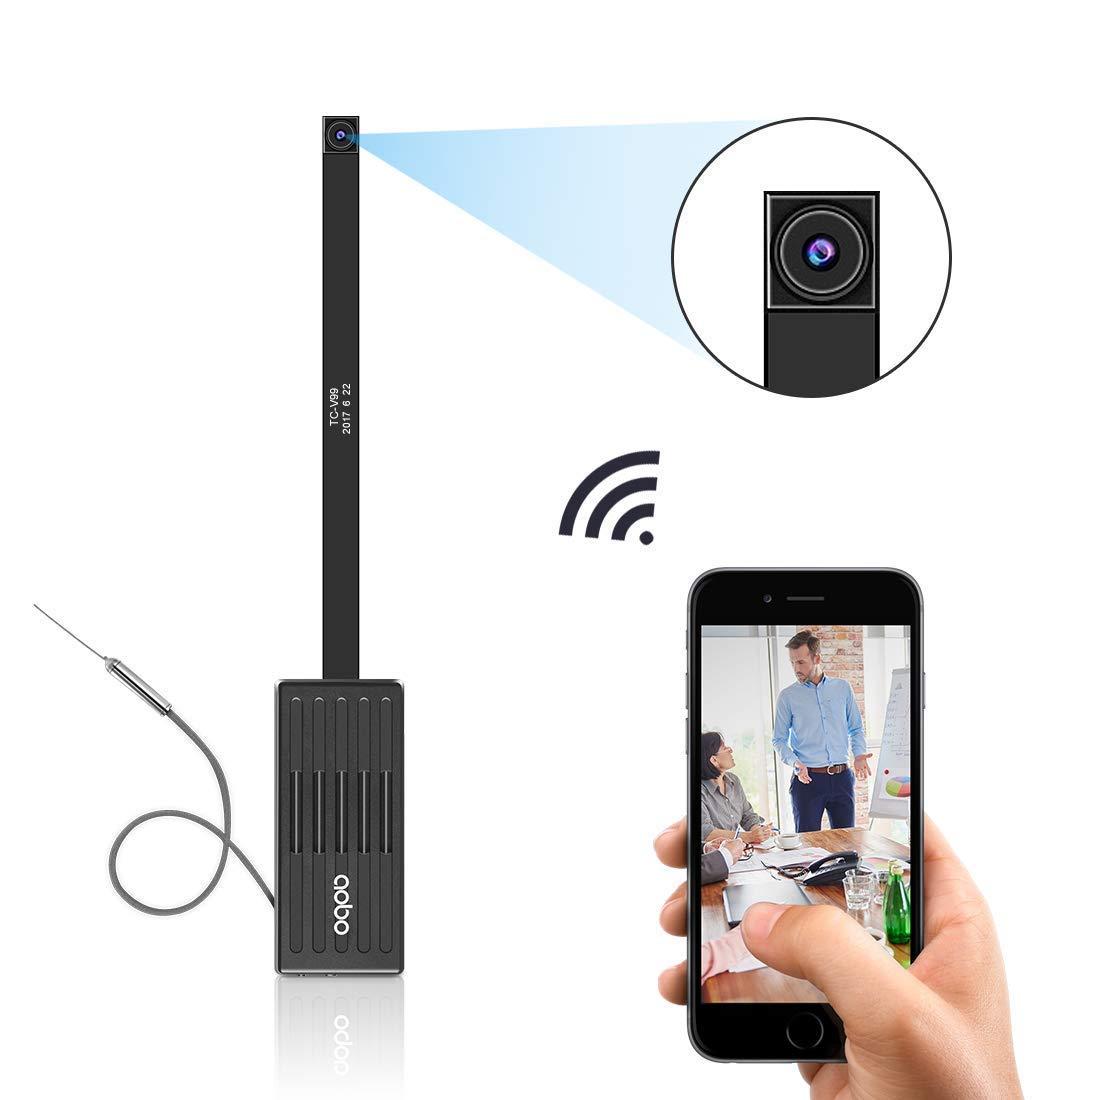 Cámara oculta Aobo inalámbrica por wifi, con detección de movimiento, grabación en 1080P HD, para móviles iPhone, Android, tabletas y ordenadores: ...